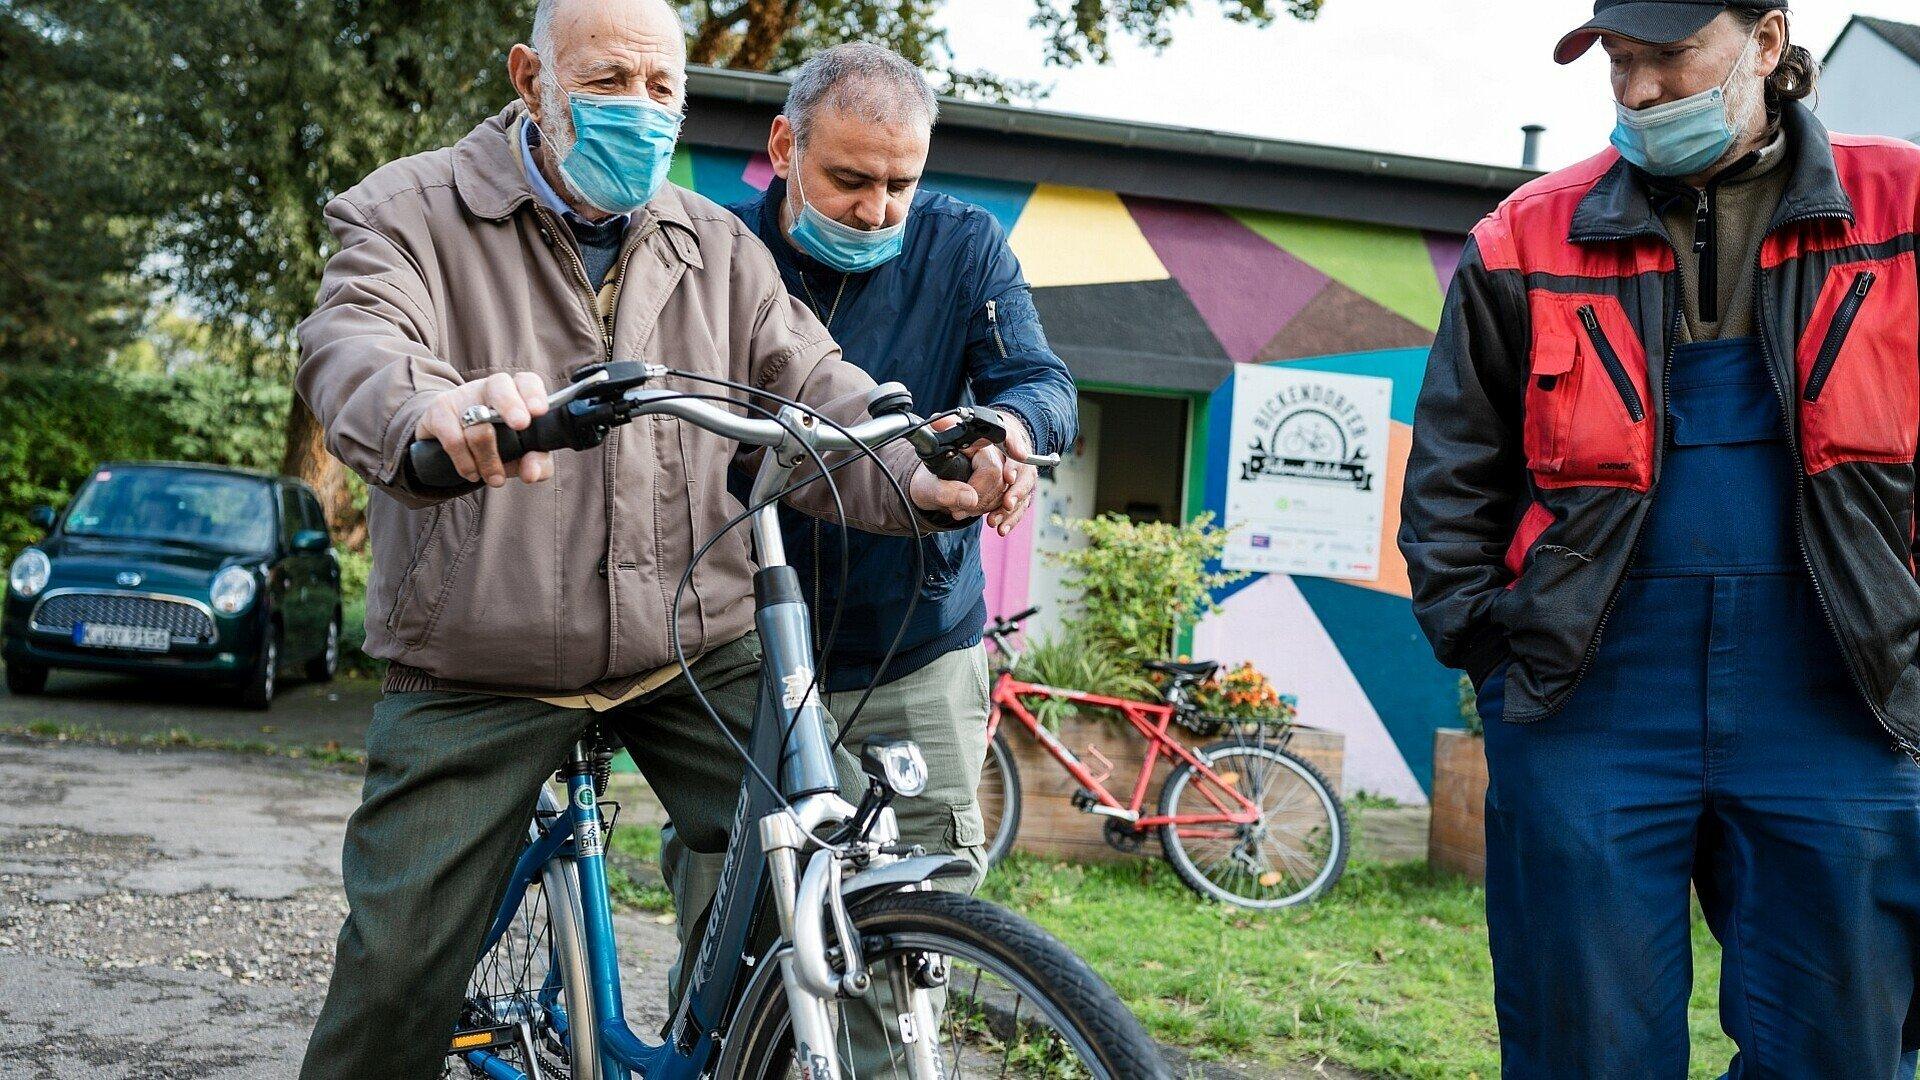 Testfahrt am Bickendorfer Fahrradbüdchen